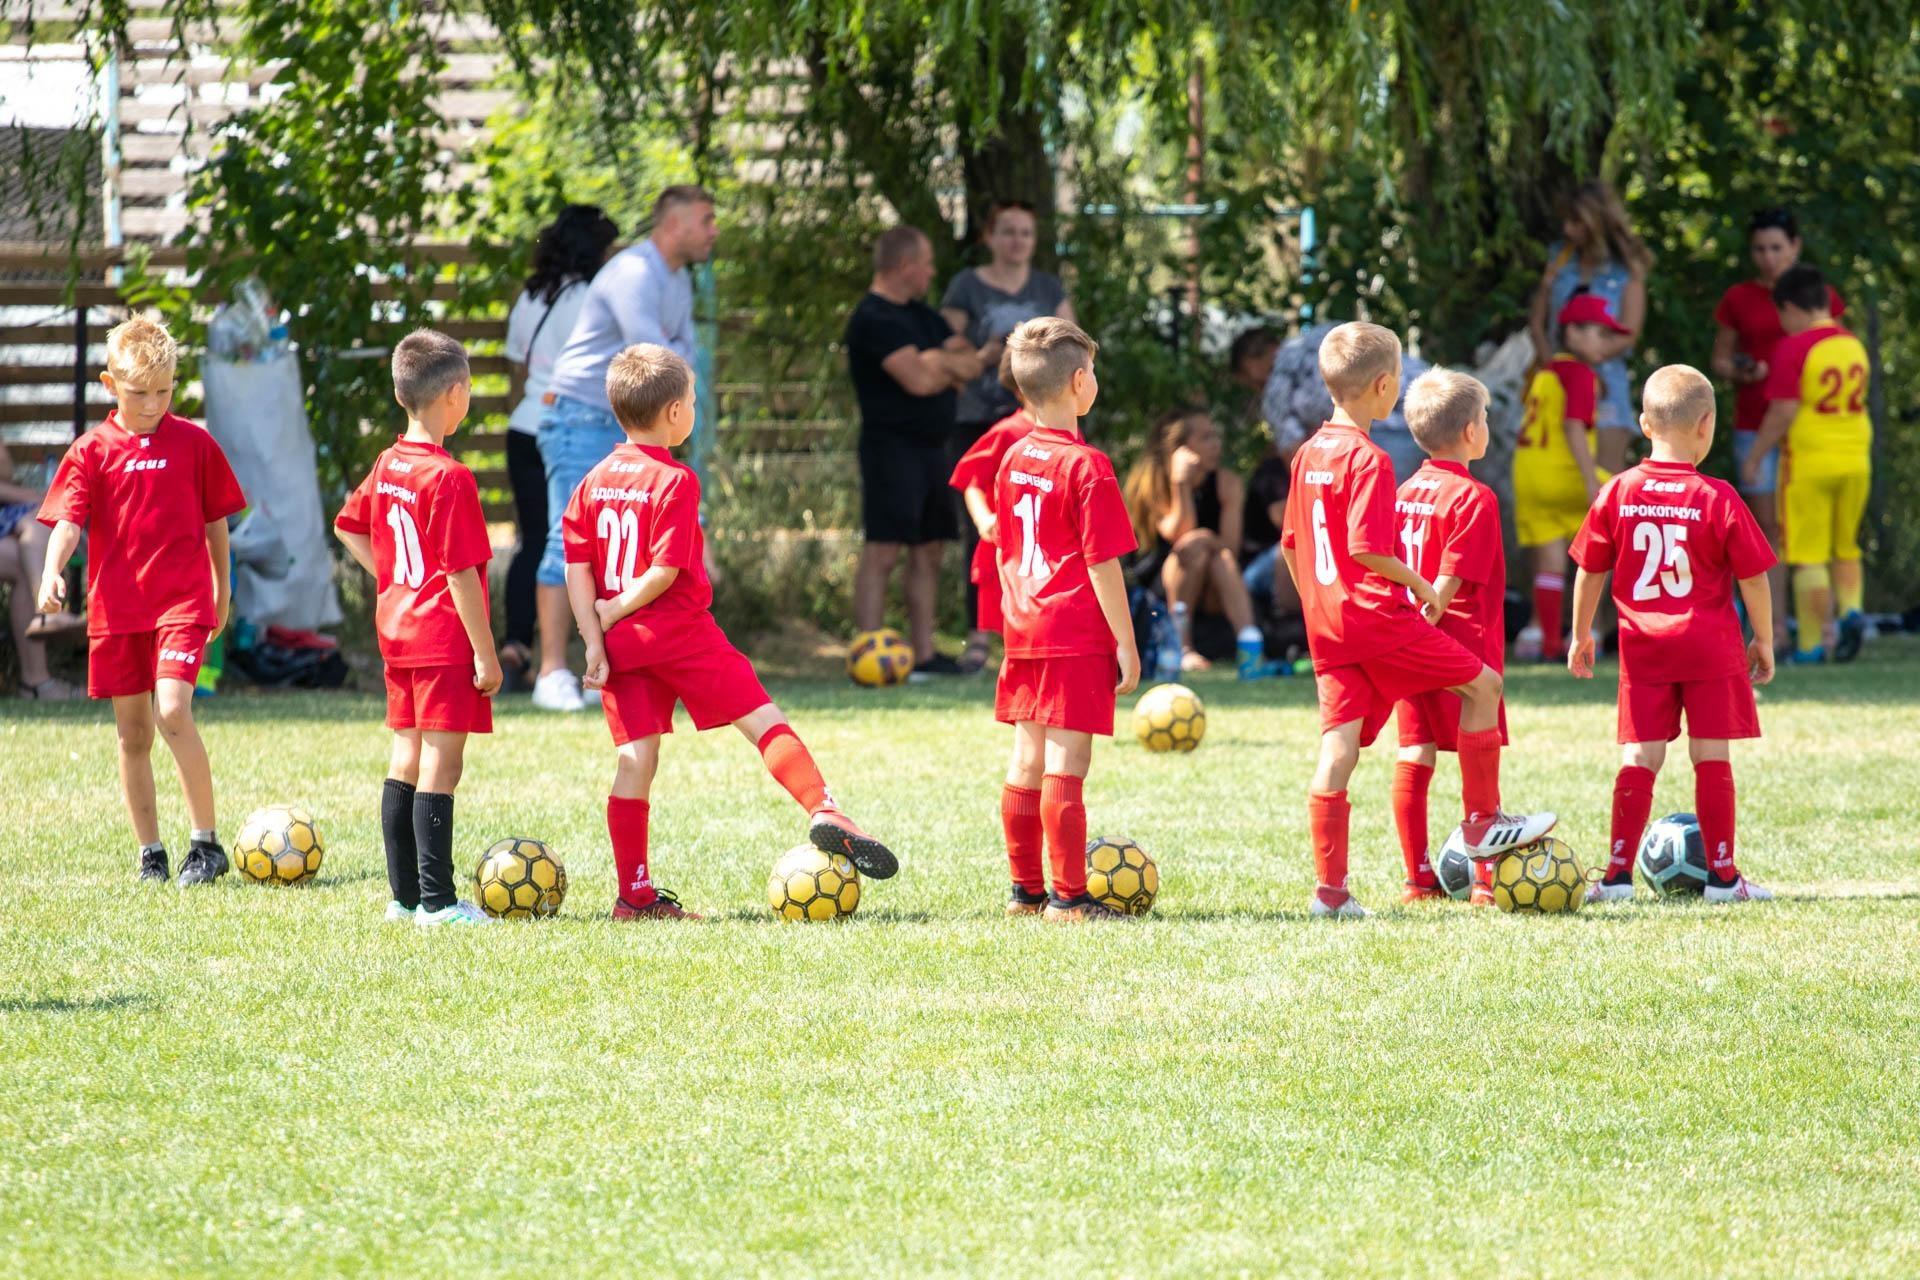 Игроки, МФК «Продэксим», награды,  дети, футбол